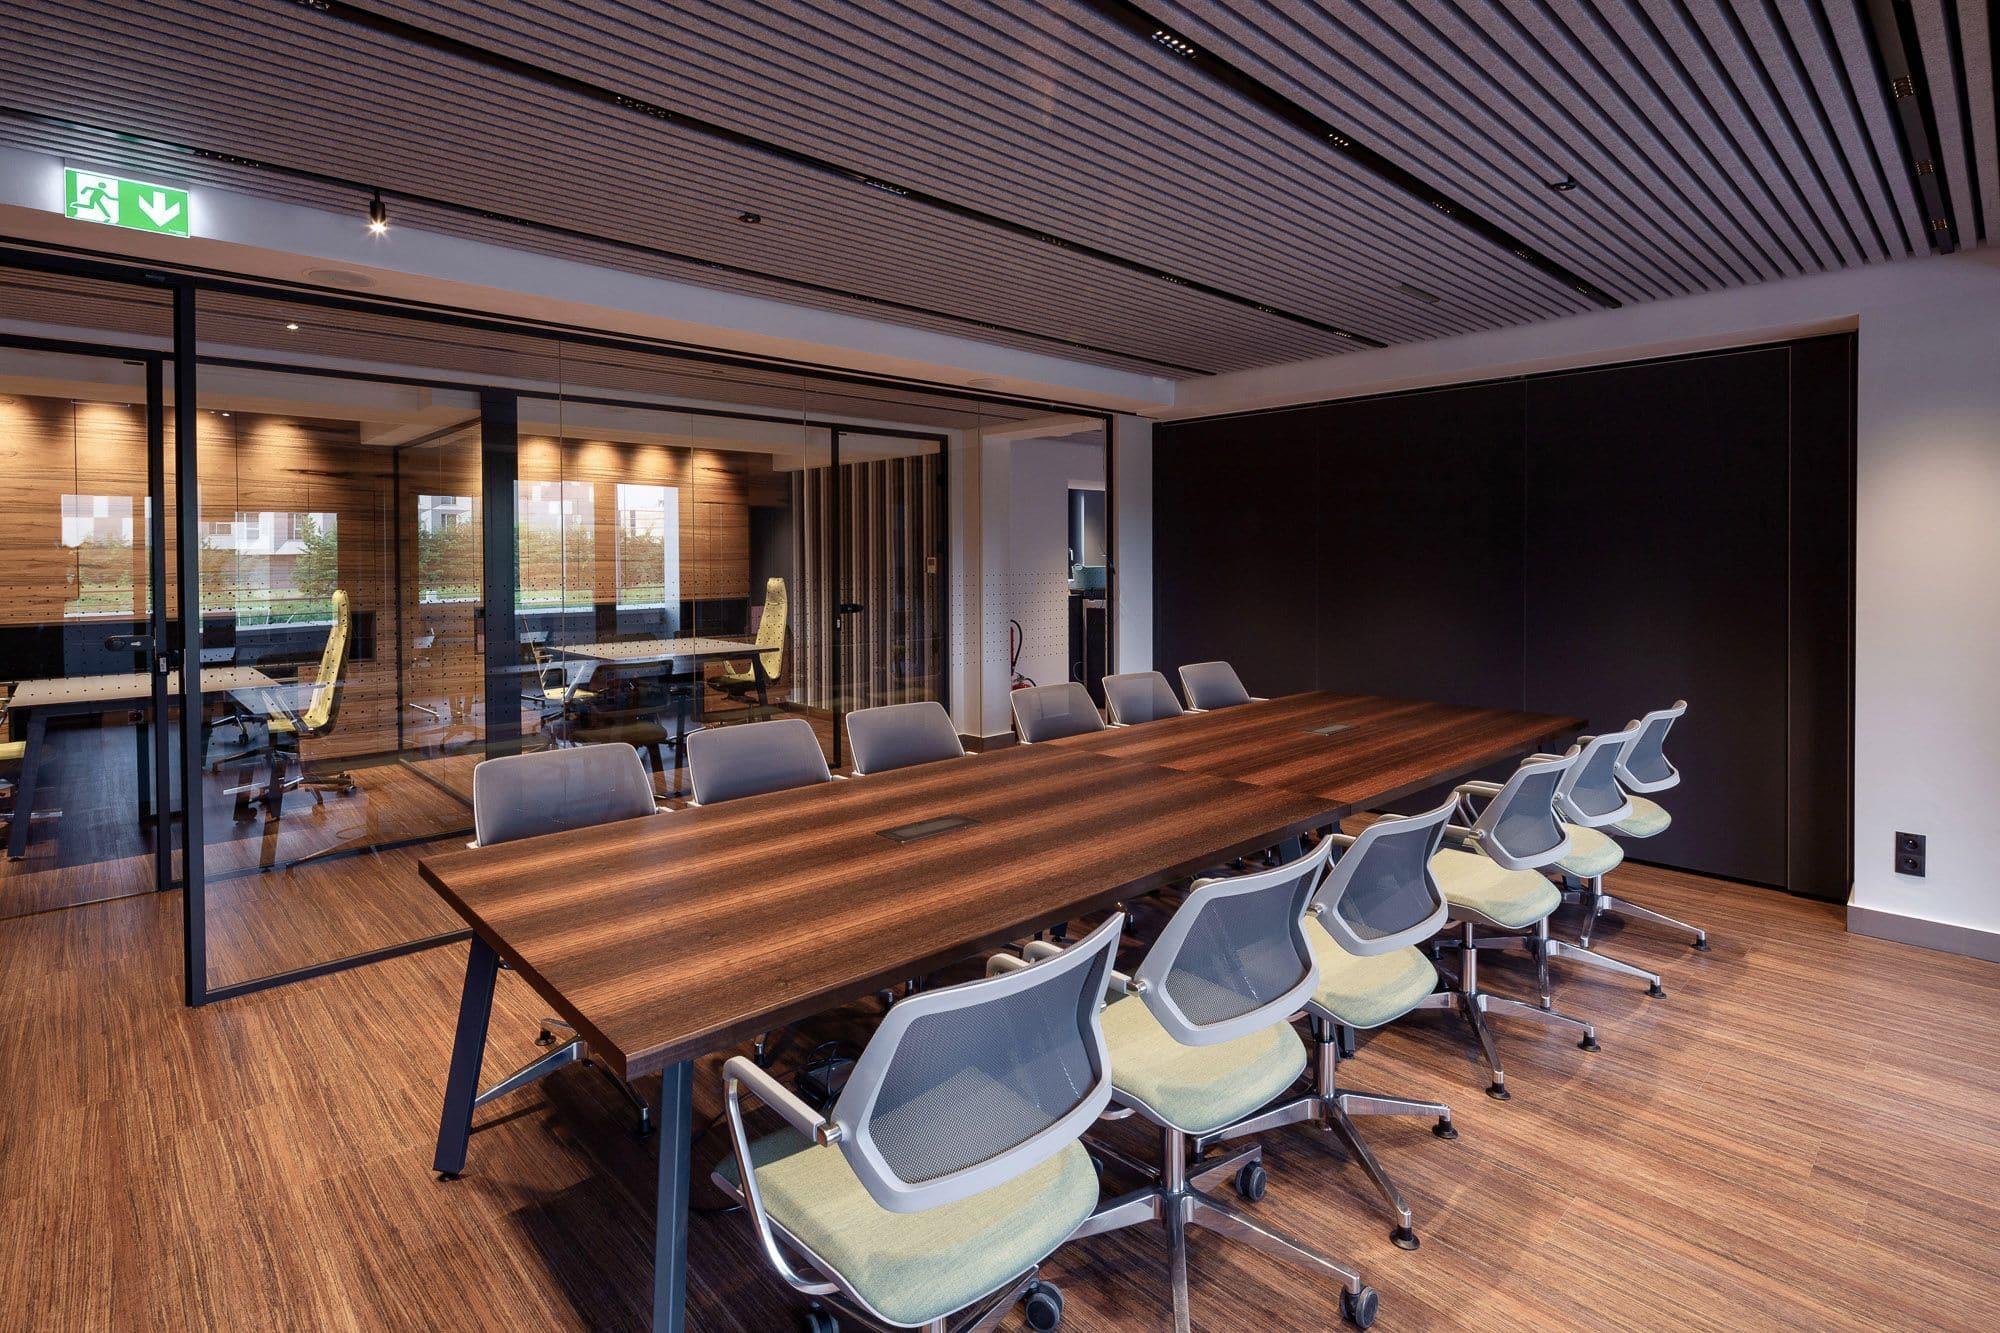 luxury conferance room furniture table atepaa